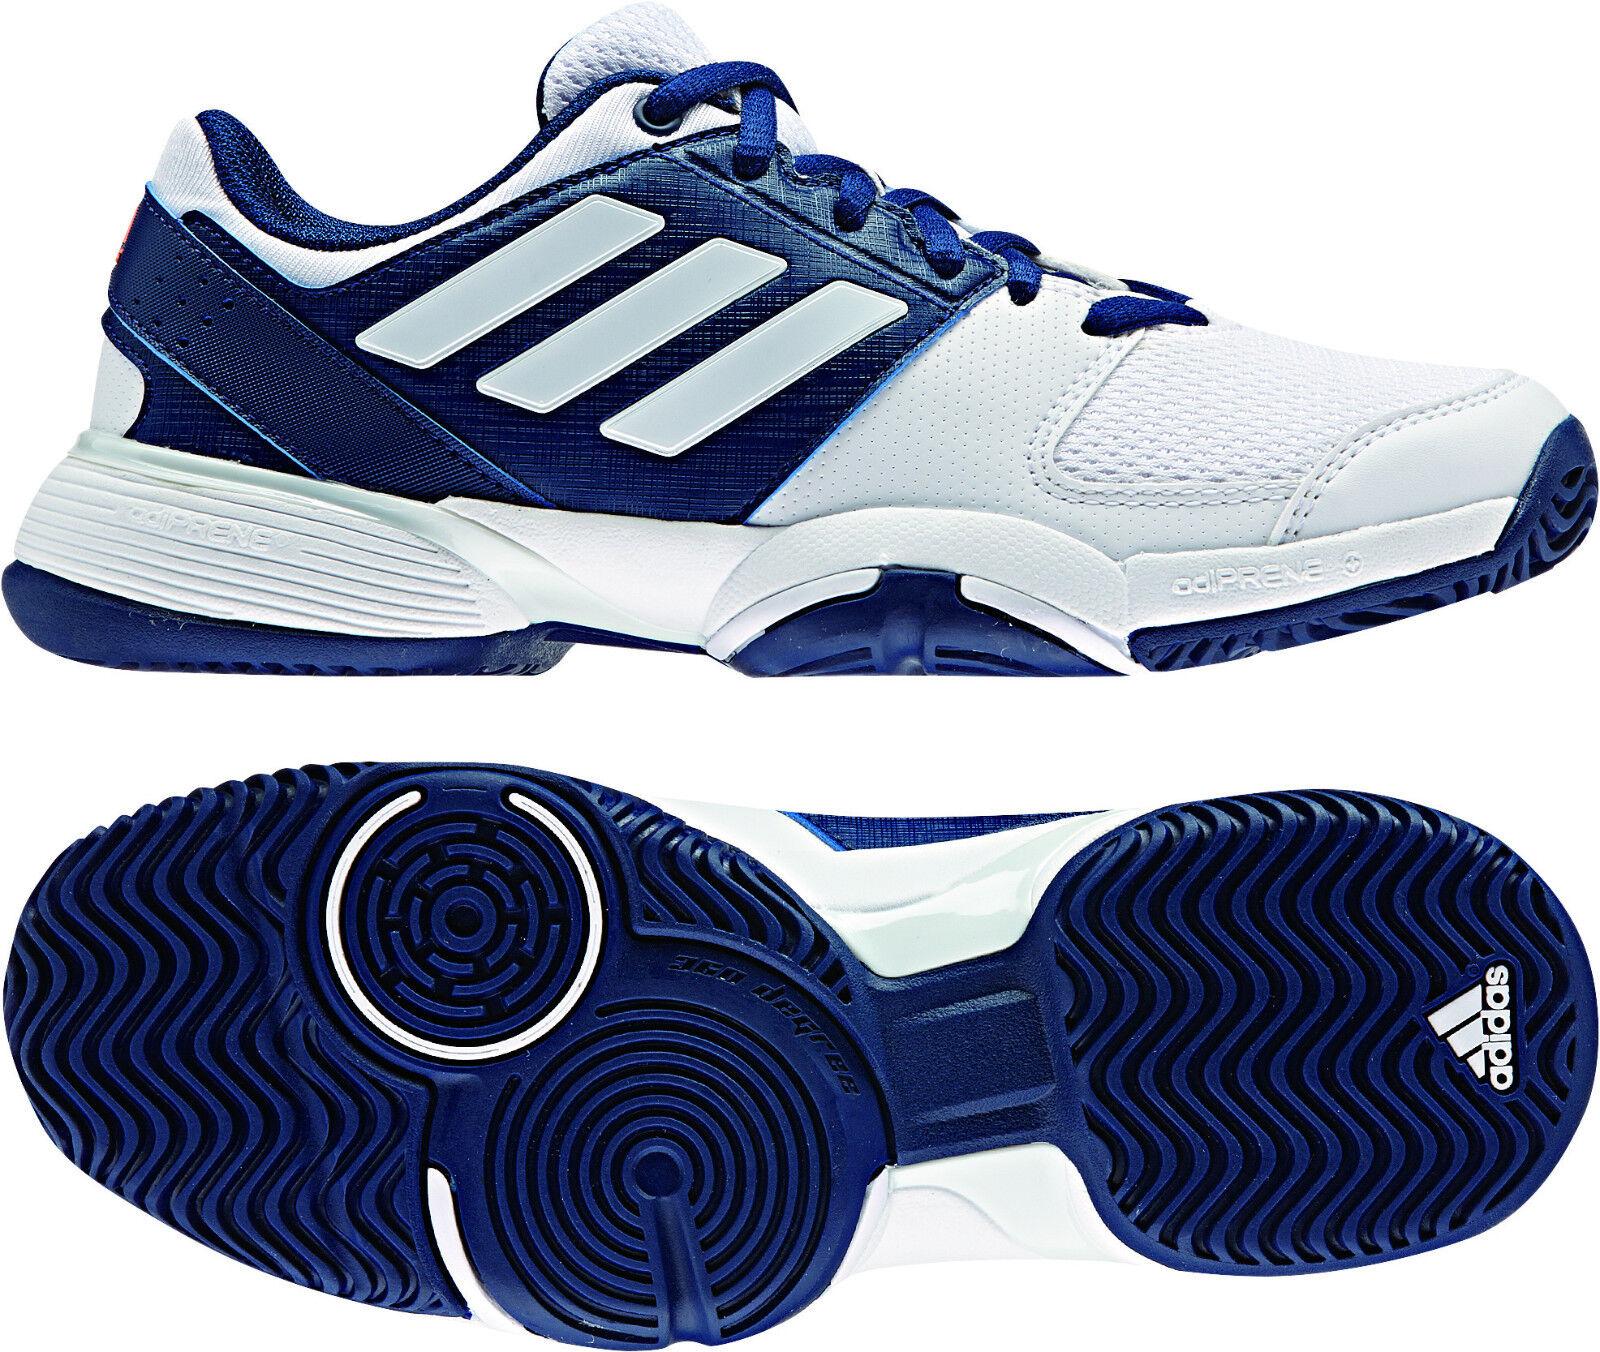 Adidas Barricade Club xJ       Kinder und Jugend Tennisschuh    | Erste in seiner Klasse  | Qualität und Quantität garantiert  | Erschwinglich